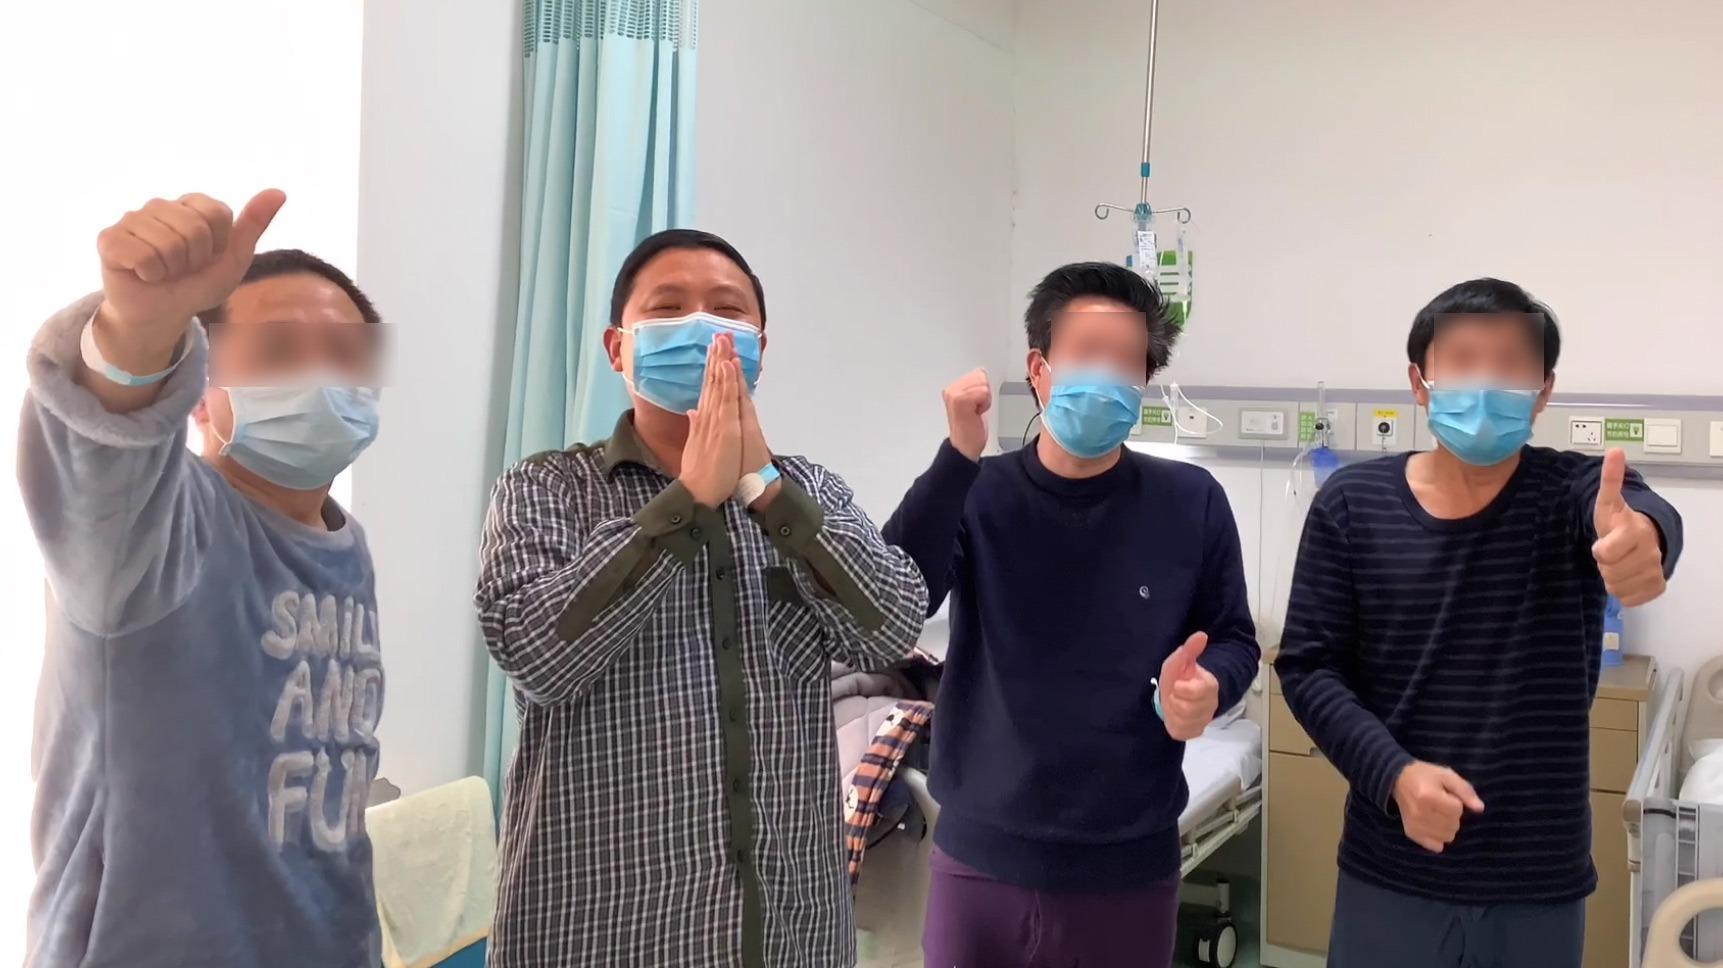 武汉护士记录肺炎患者出院全程 病友合唱《感恩的心》